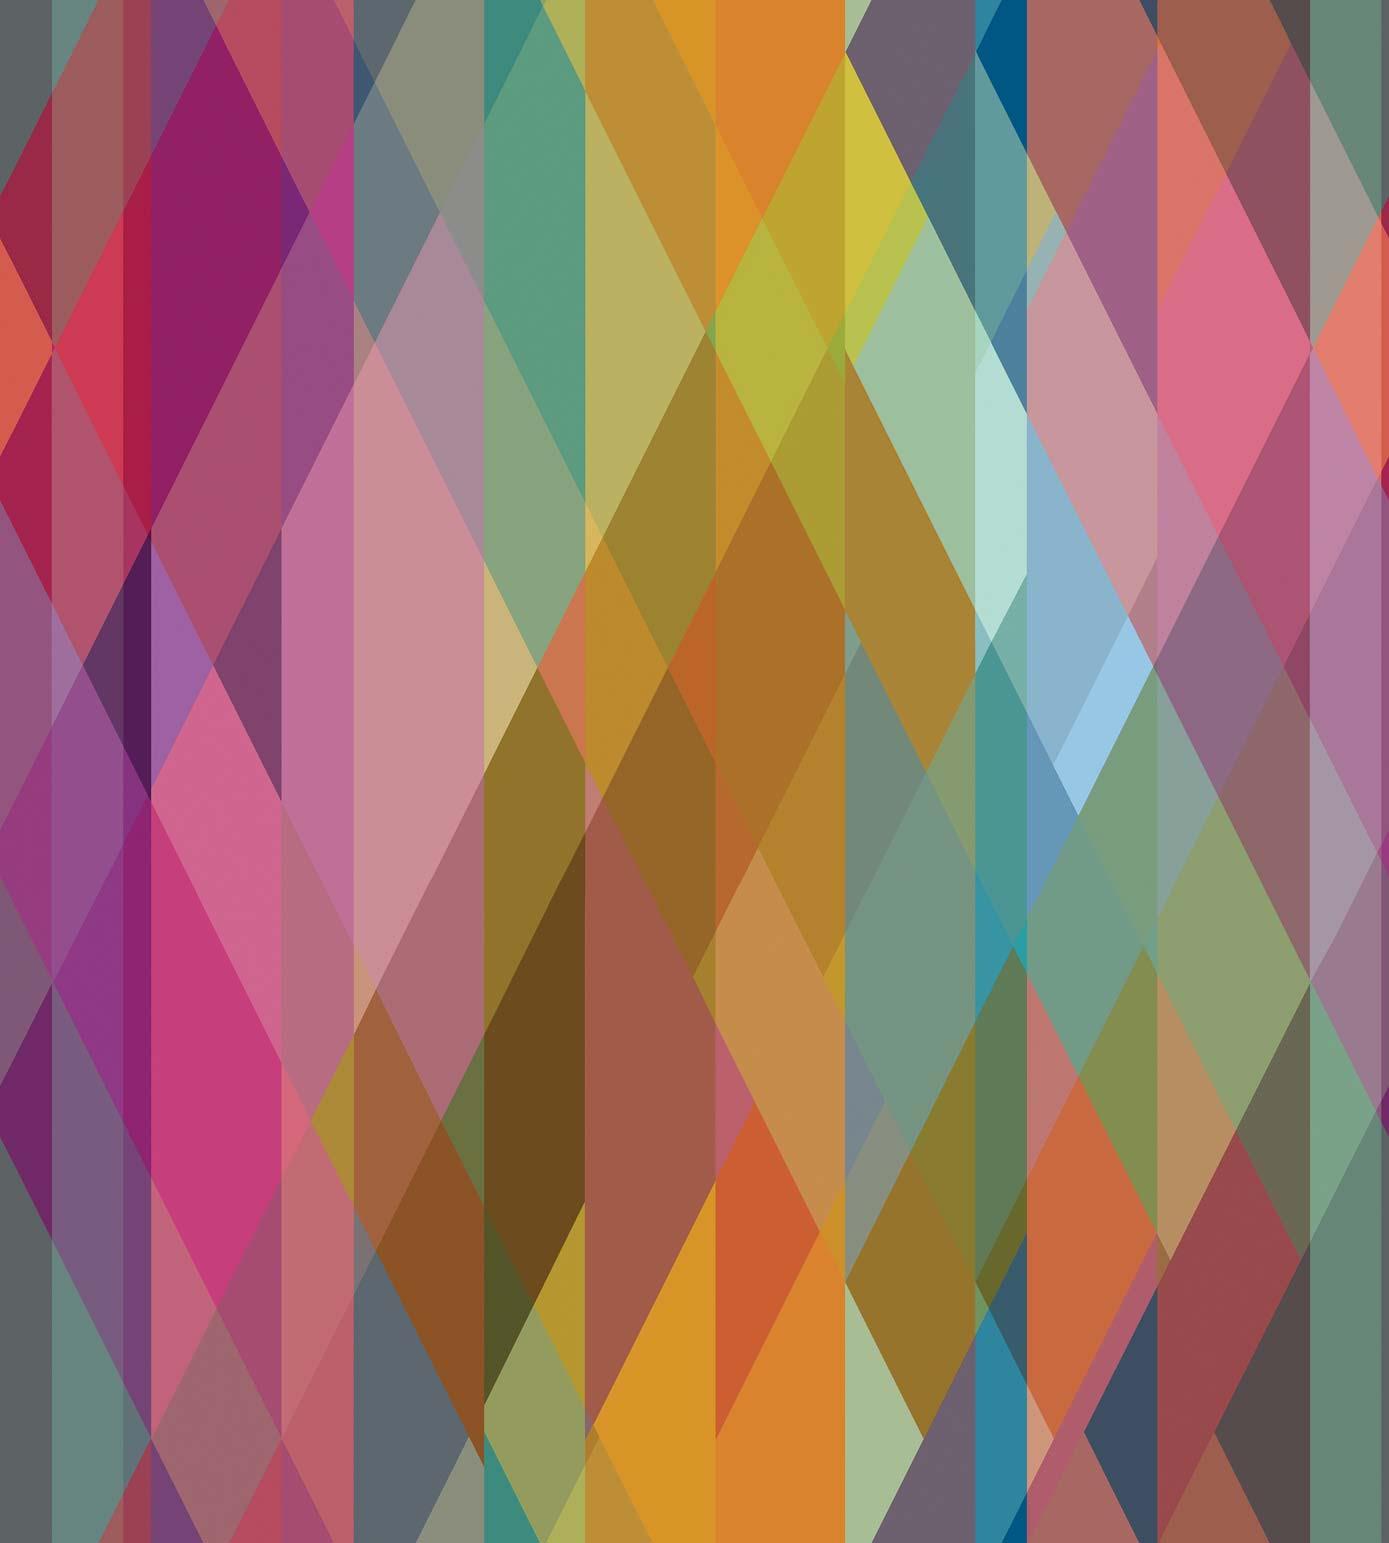 цветные геометрические узоры картинки таким